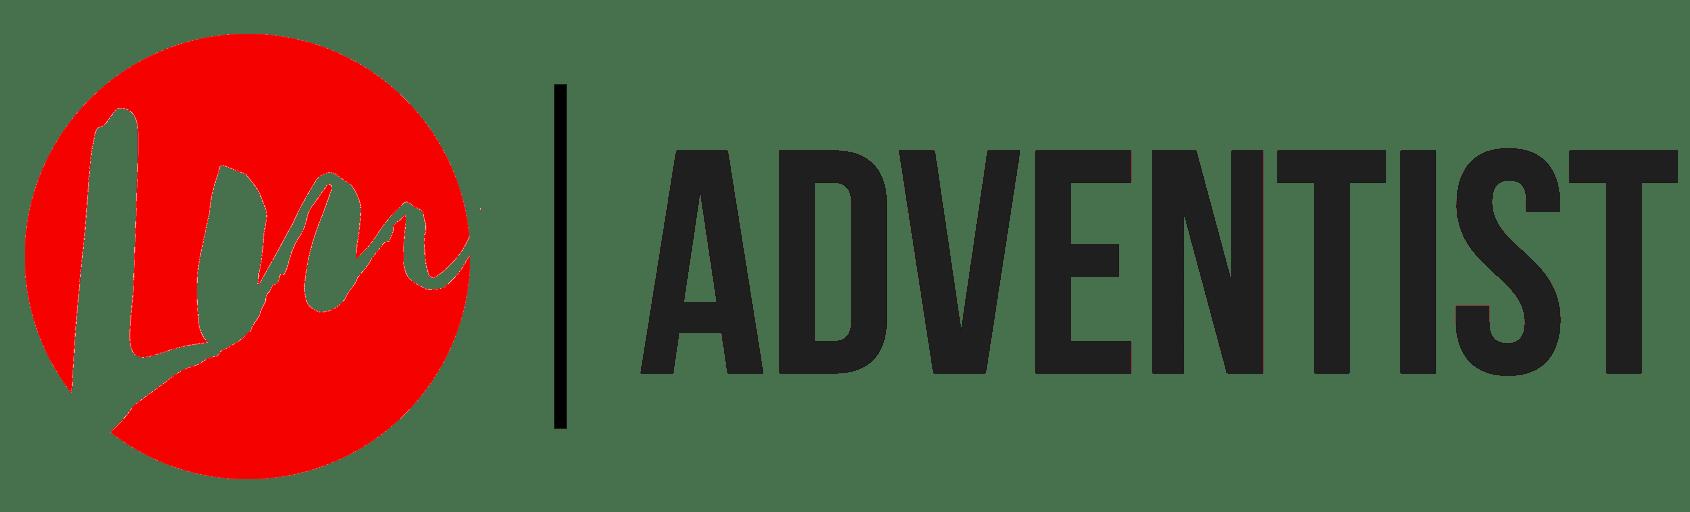 La Mesa Adventist Church